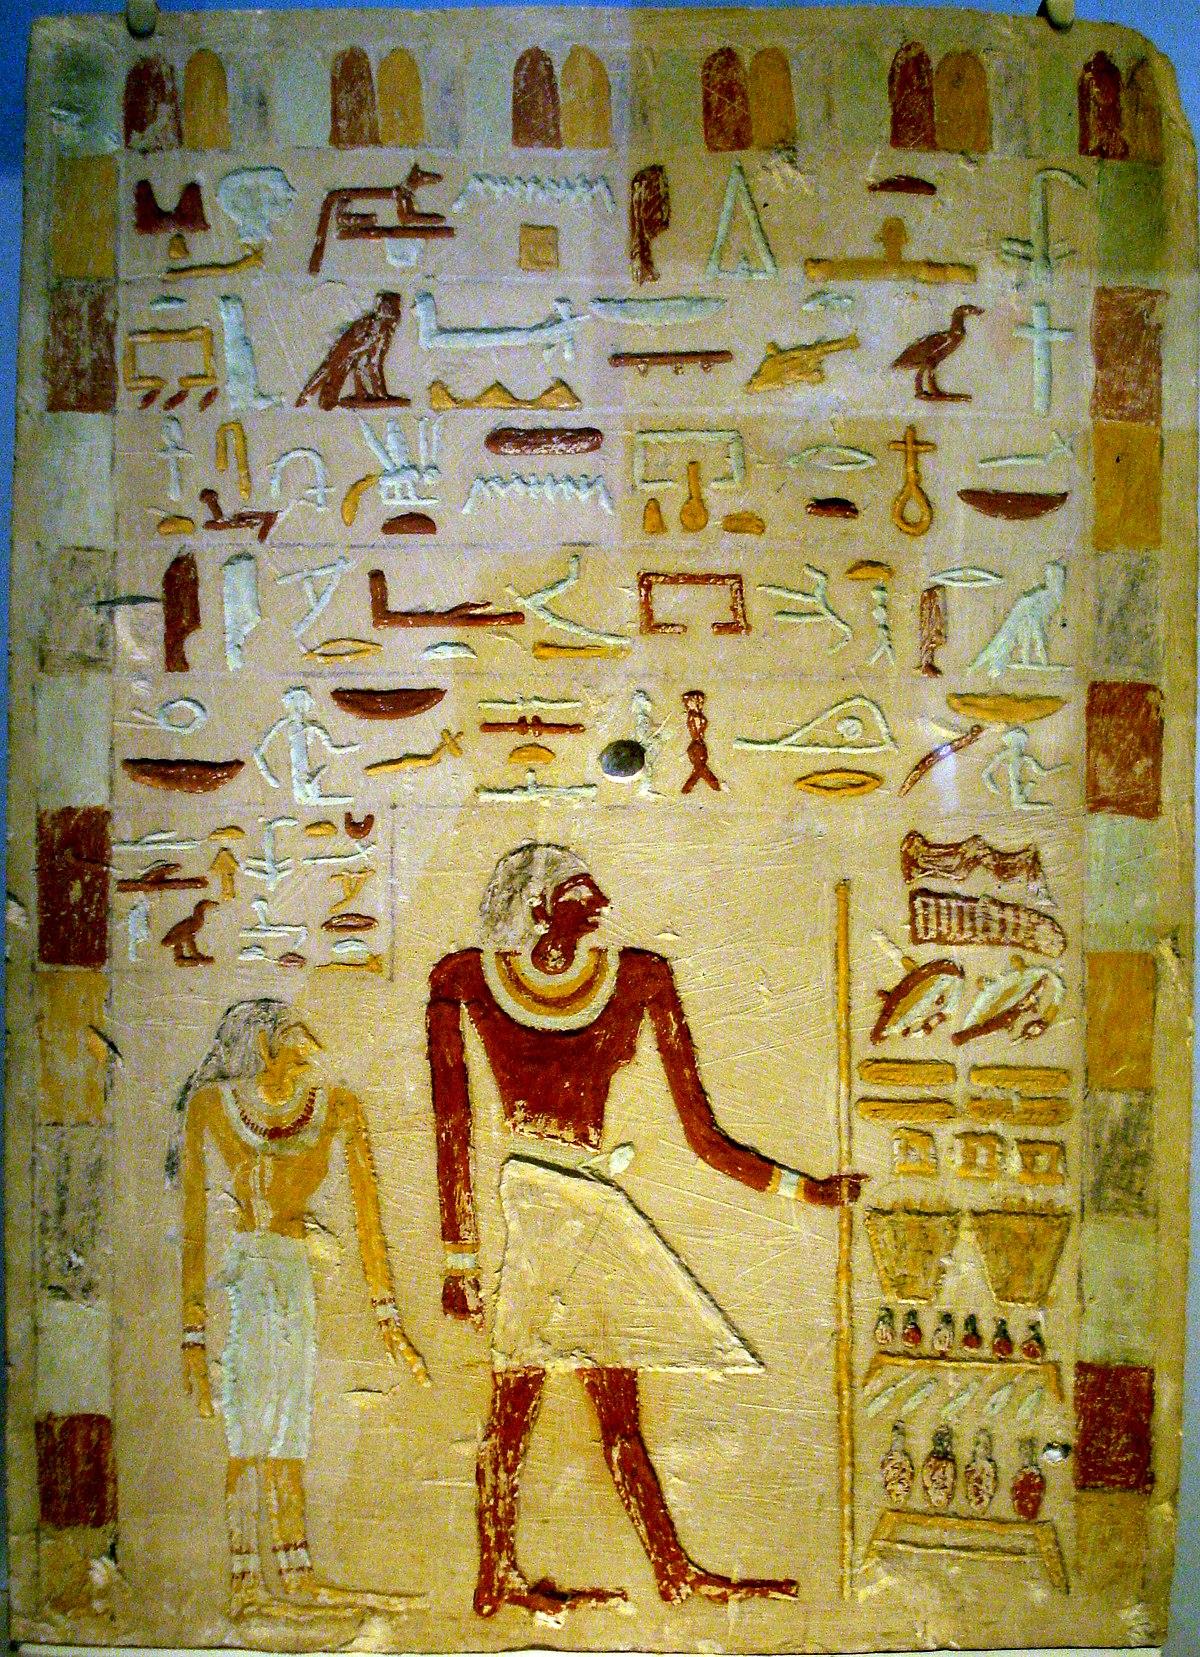 Primer Període Intermedi d'Egipte - Viquipèdia, l ... - photo#22